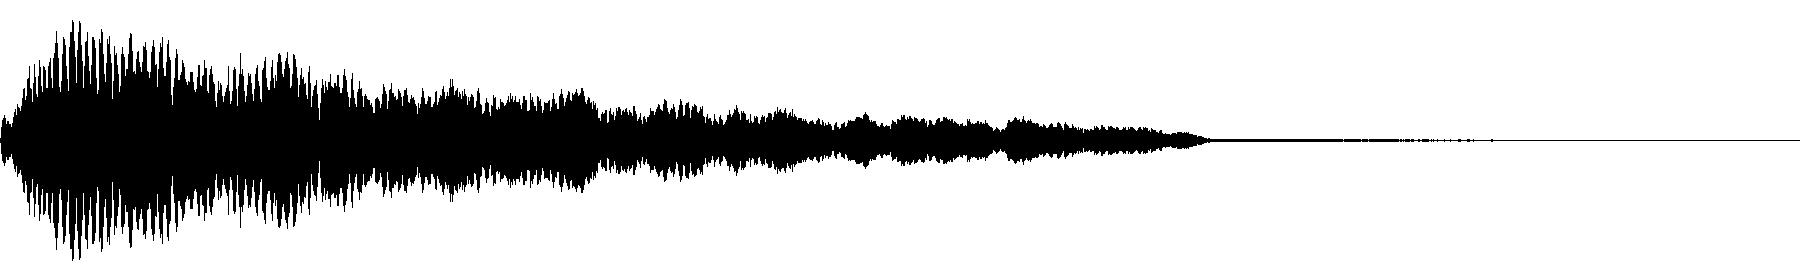 bluezone orbit sound 033